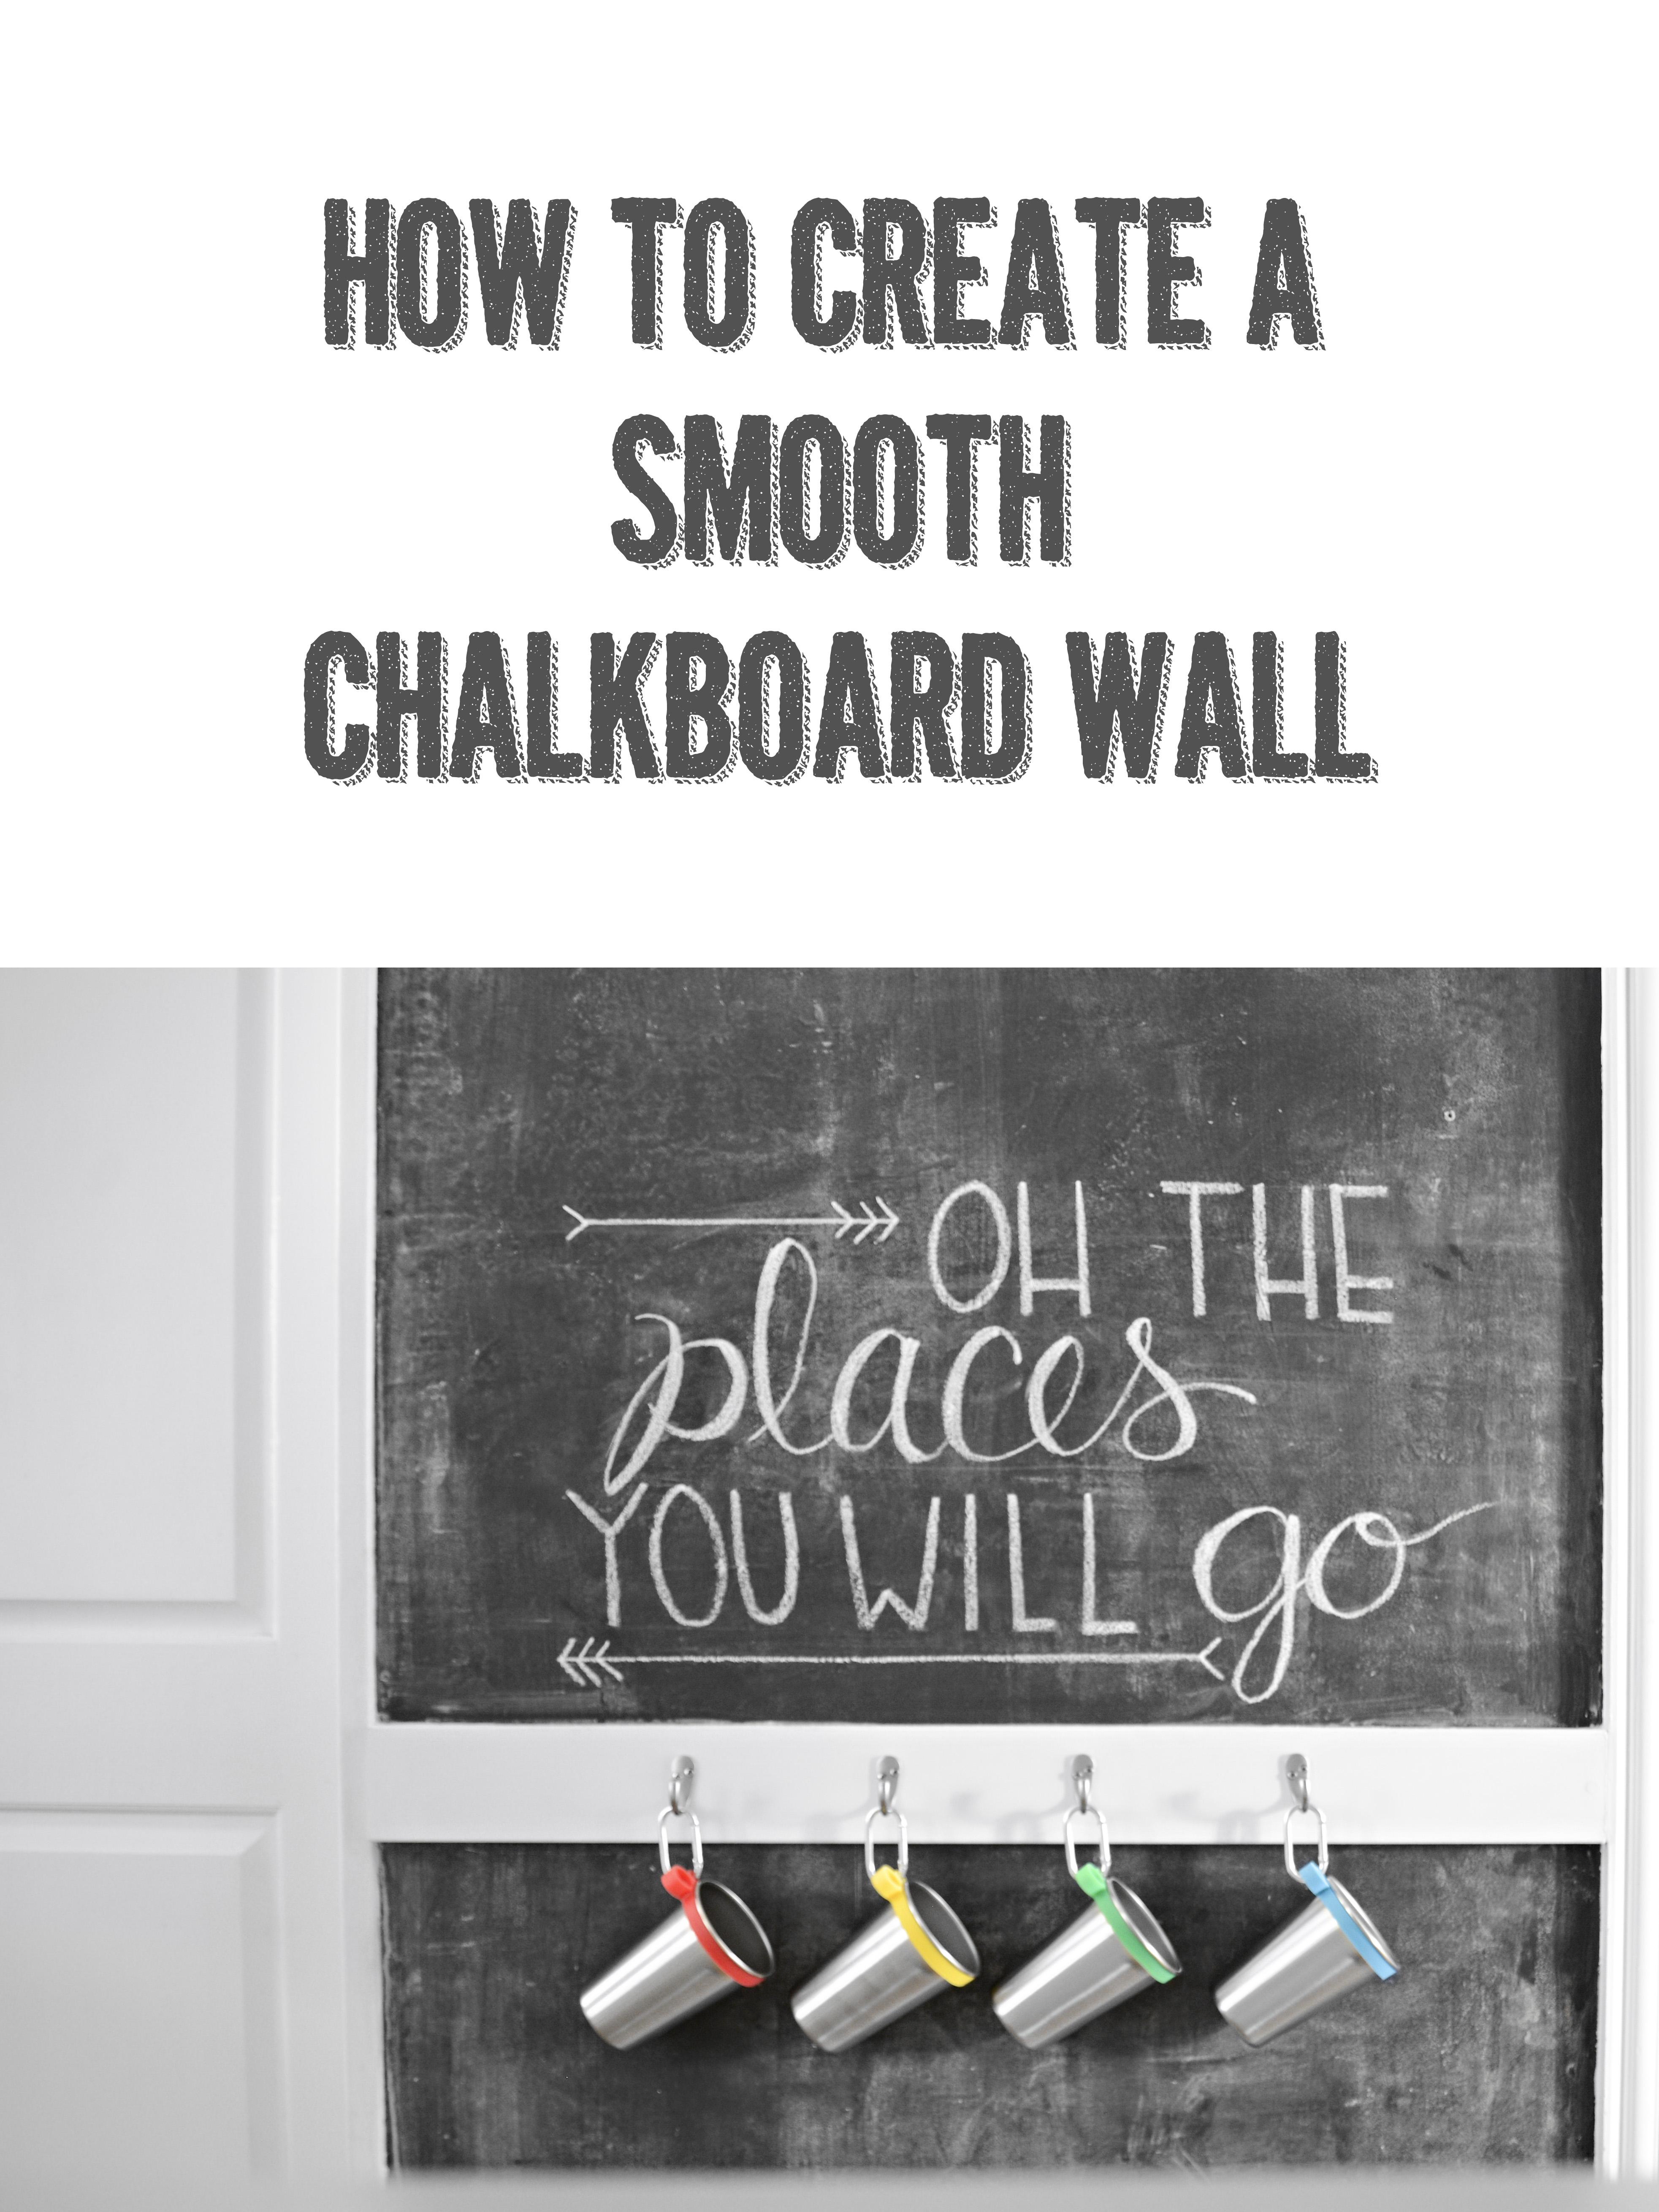 kids_cups_chalkboard_wall